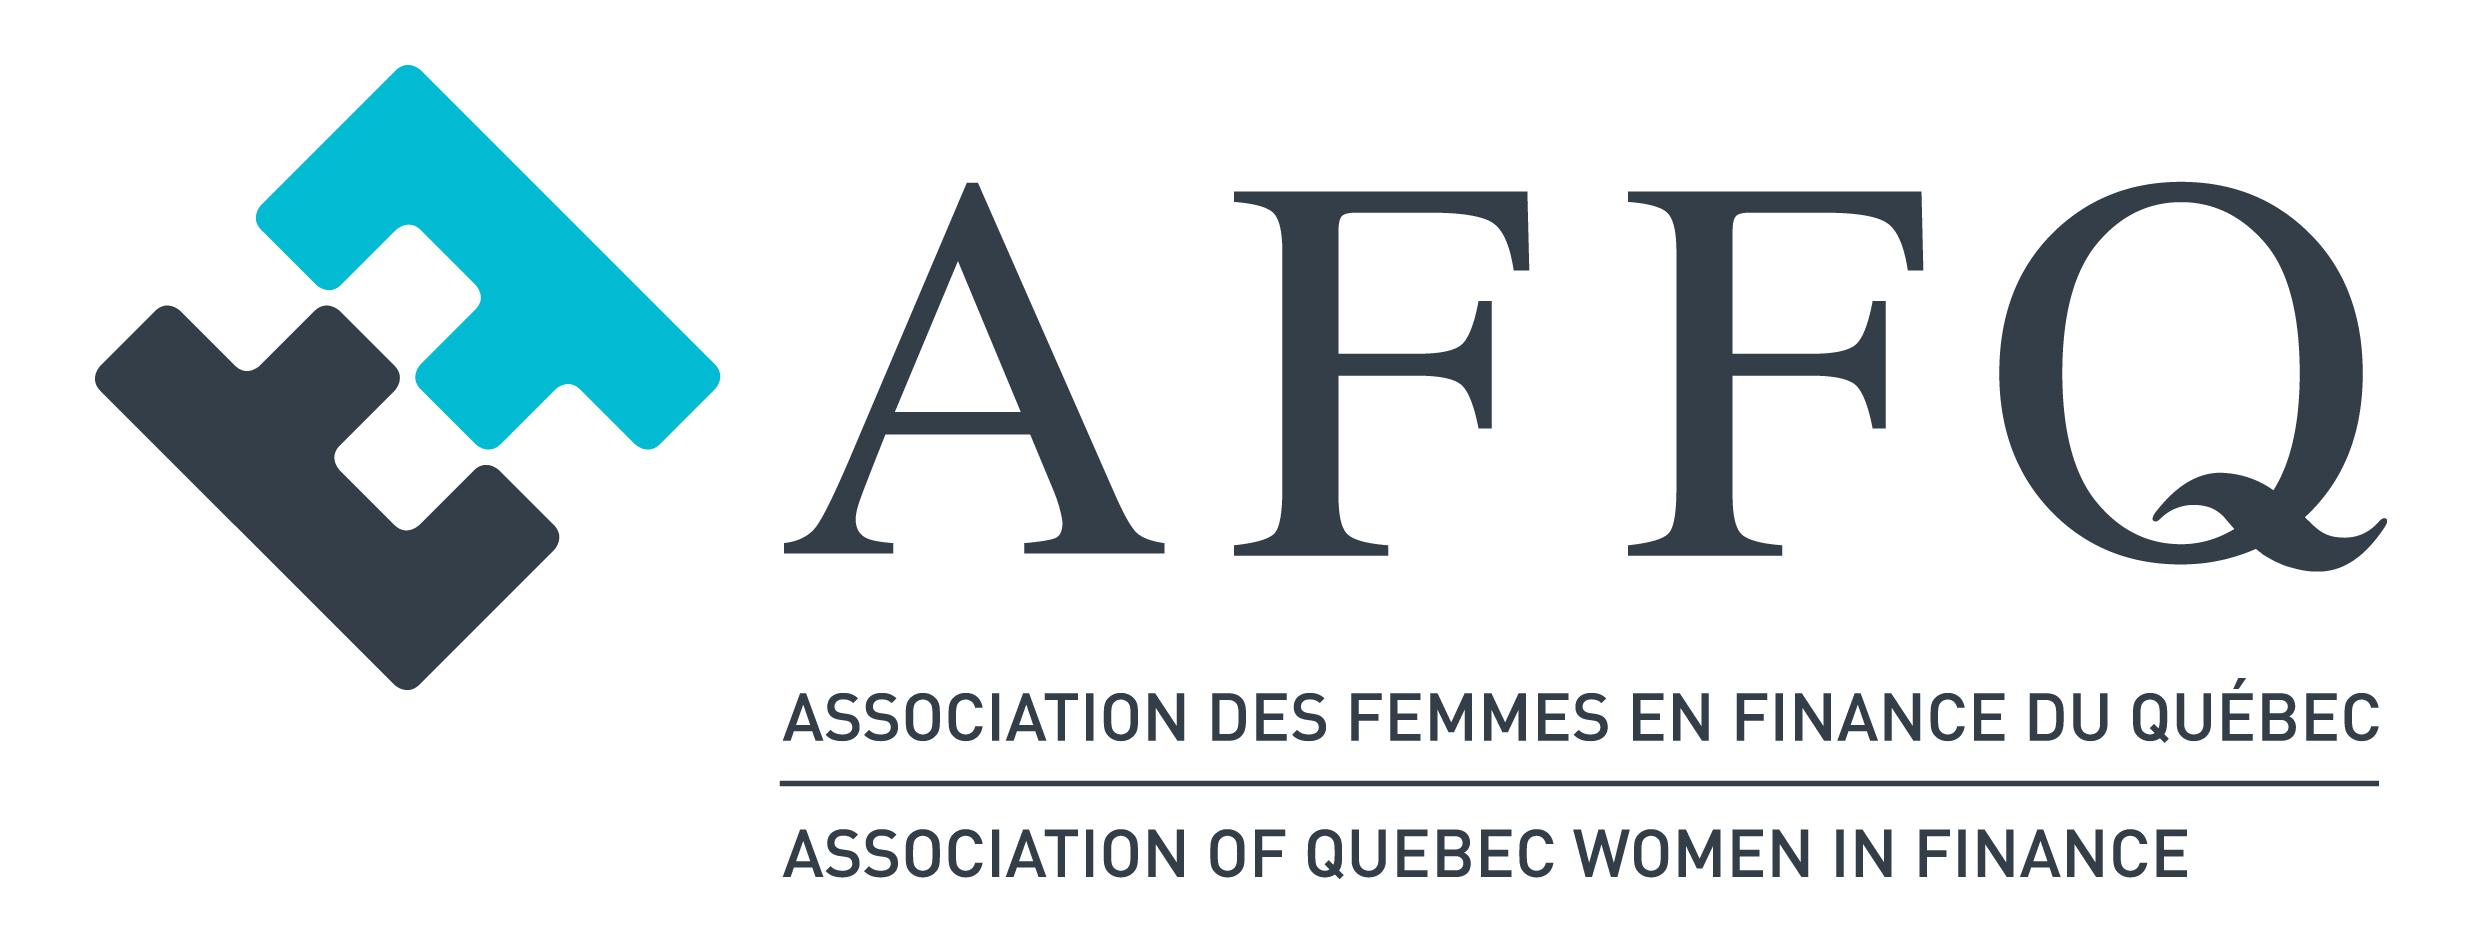 AFFQ (Association Des Femmes en Finance Du Quebec)